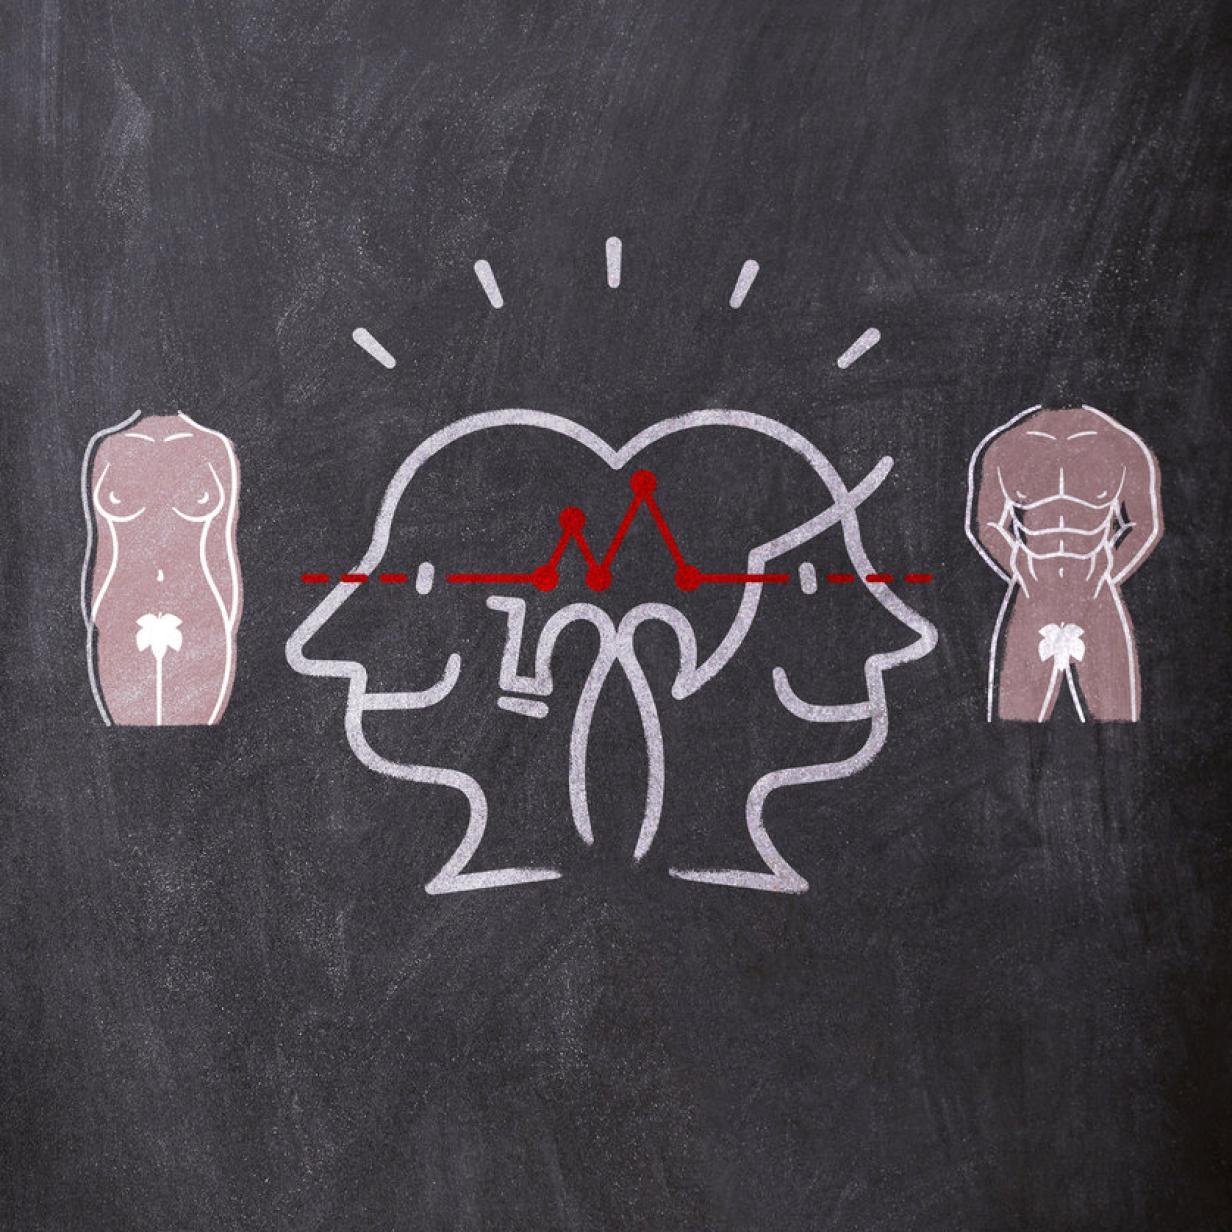 Gehirn männer frauen unterschiede Studie per